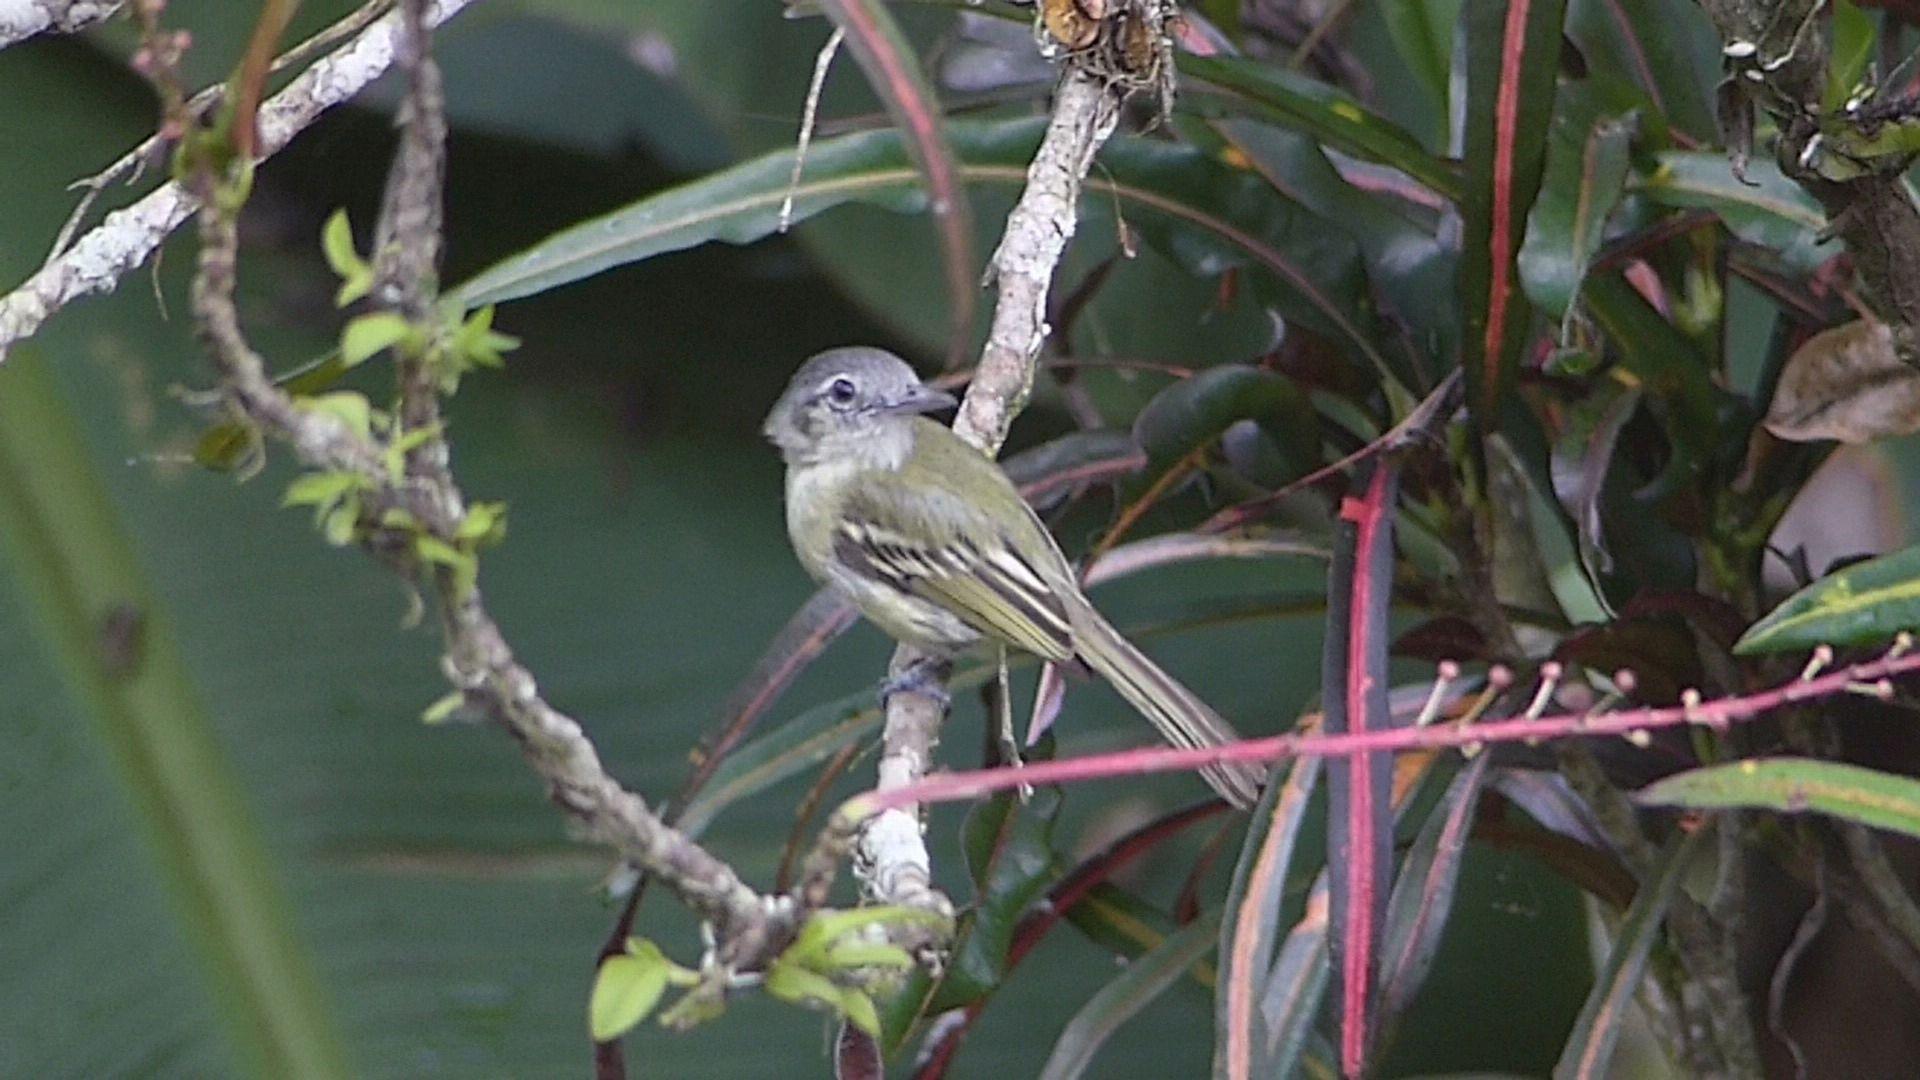 mystery bird P2440158 which bird